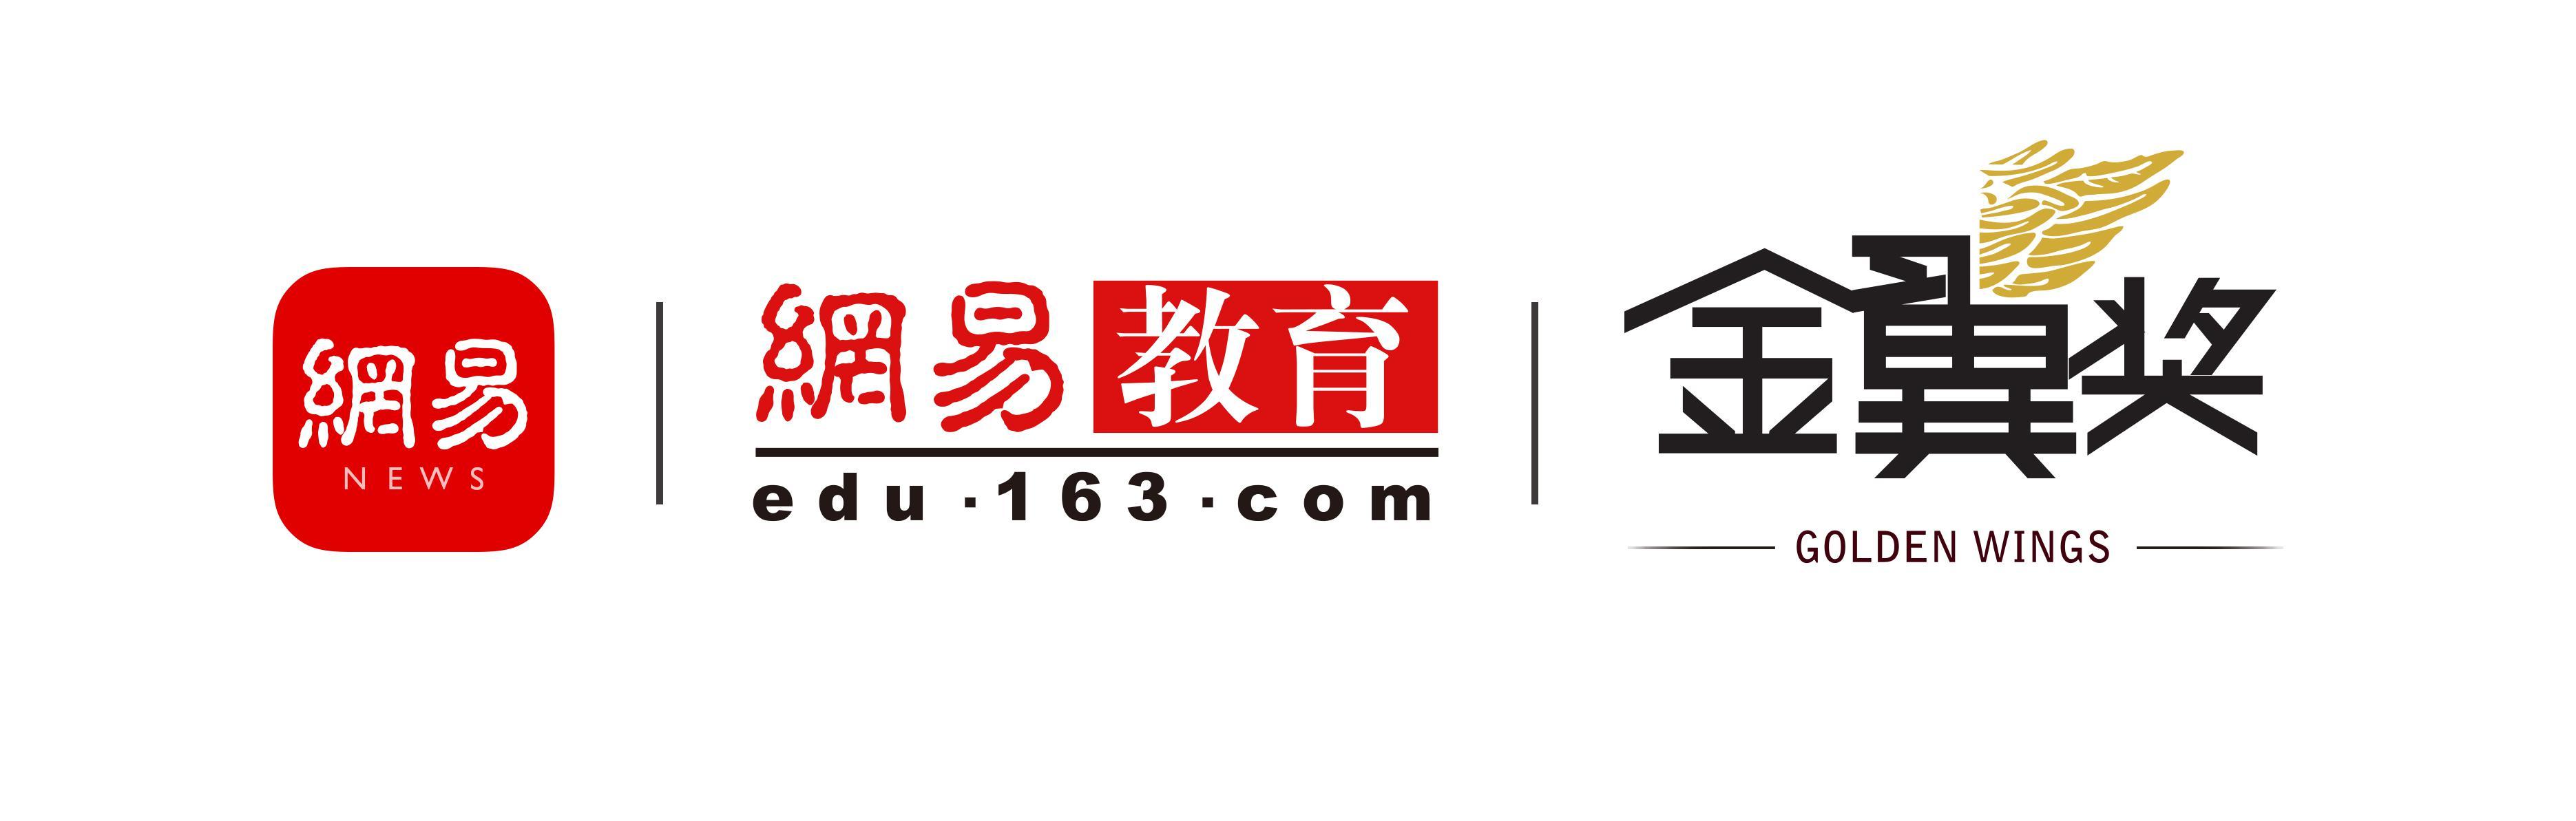 """2018年网易教育金翼奖""""致敬时代·赋能未来""""盛大启动"""